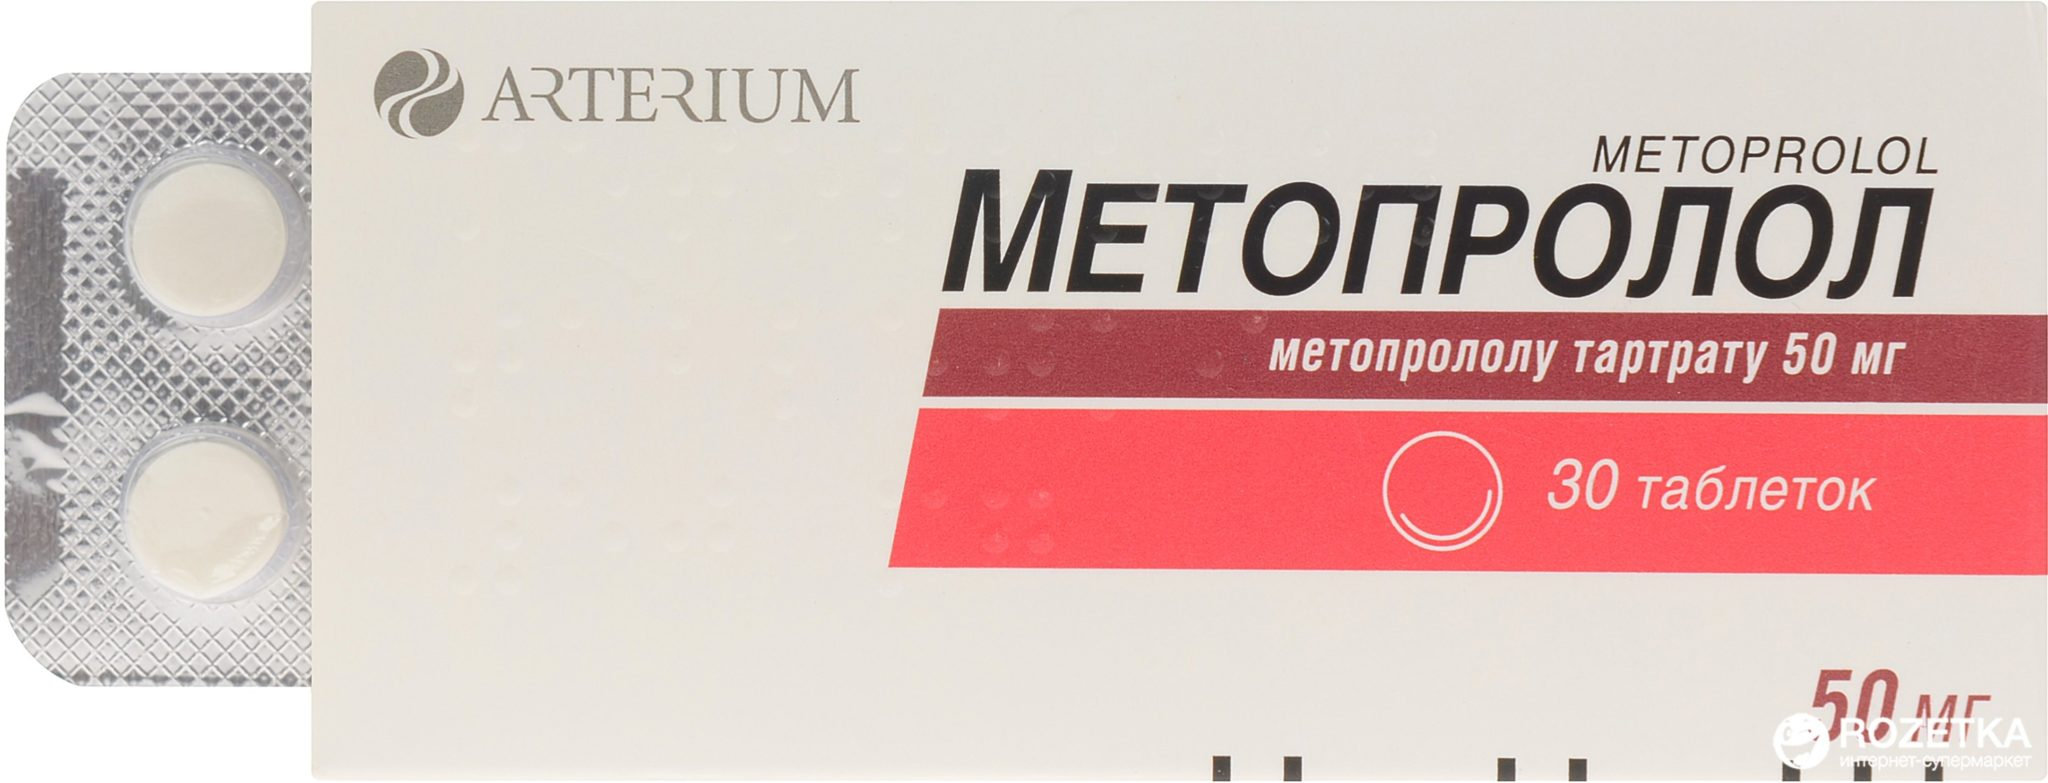 Метопролол: инструкция по применению, при каком давлении, от чего таблетки, взрослым, аналоги